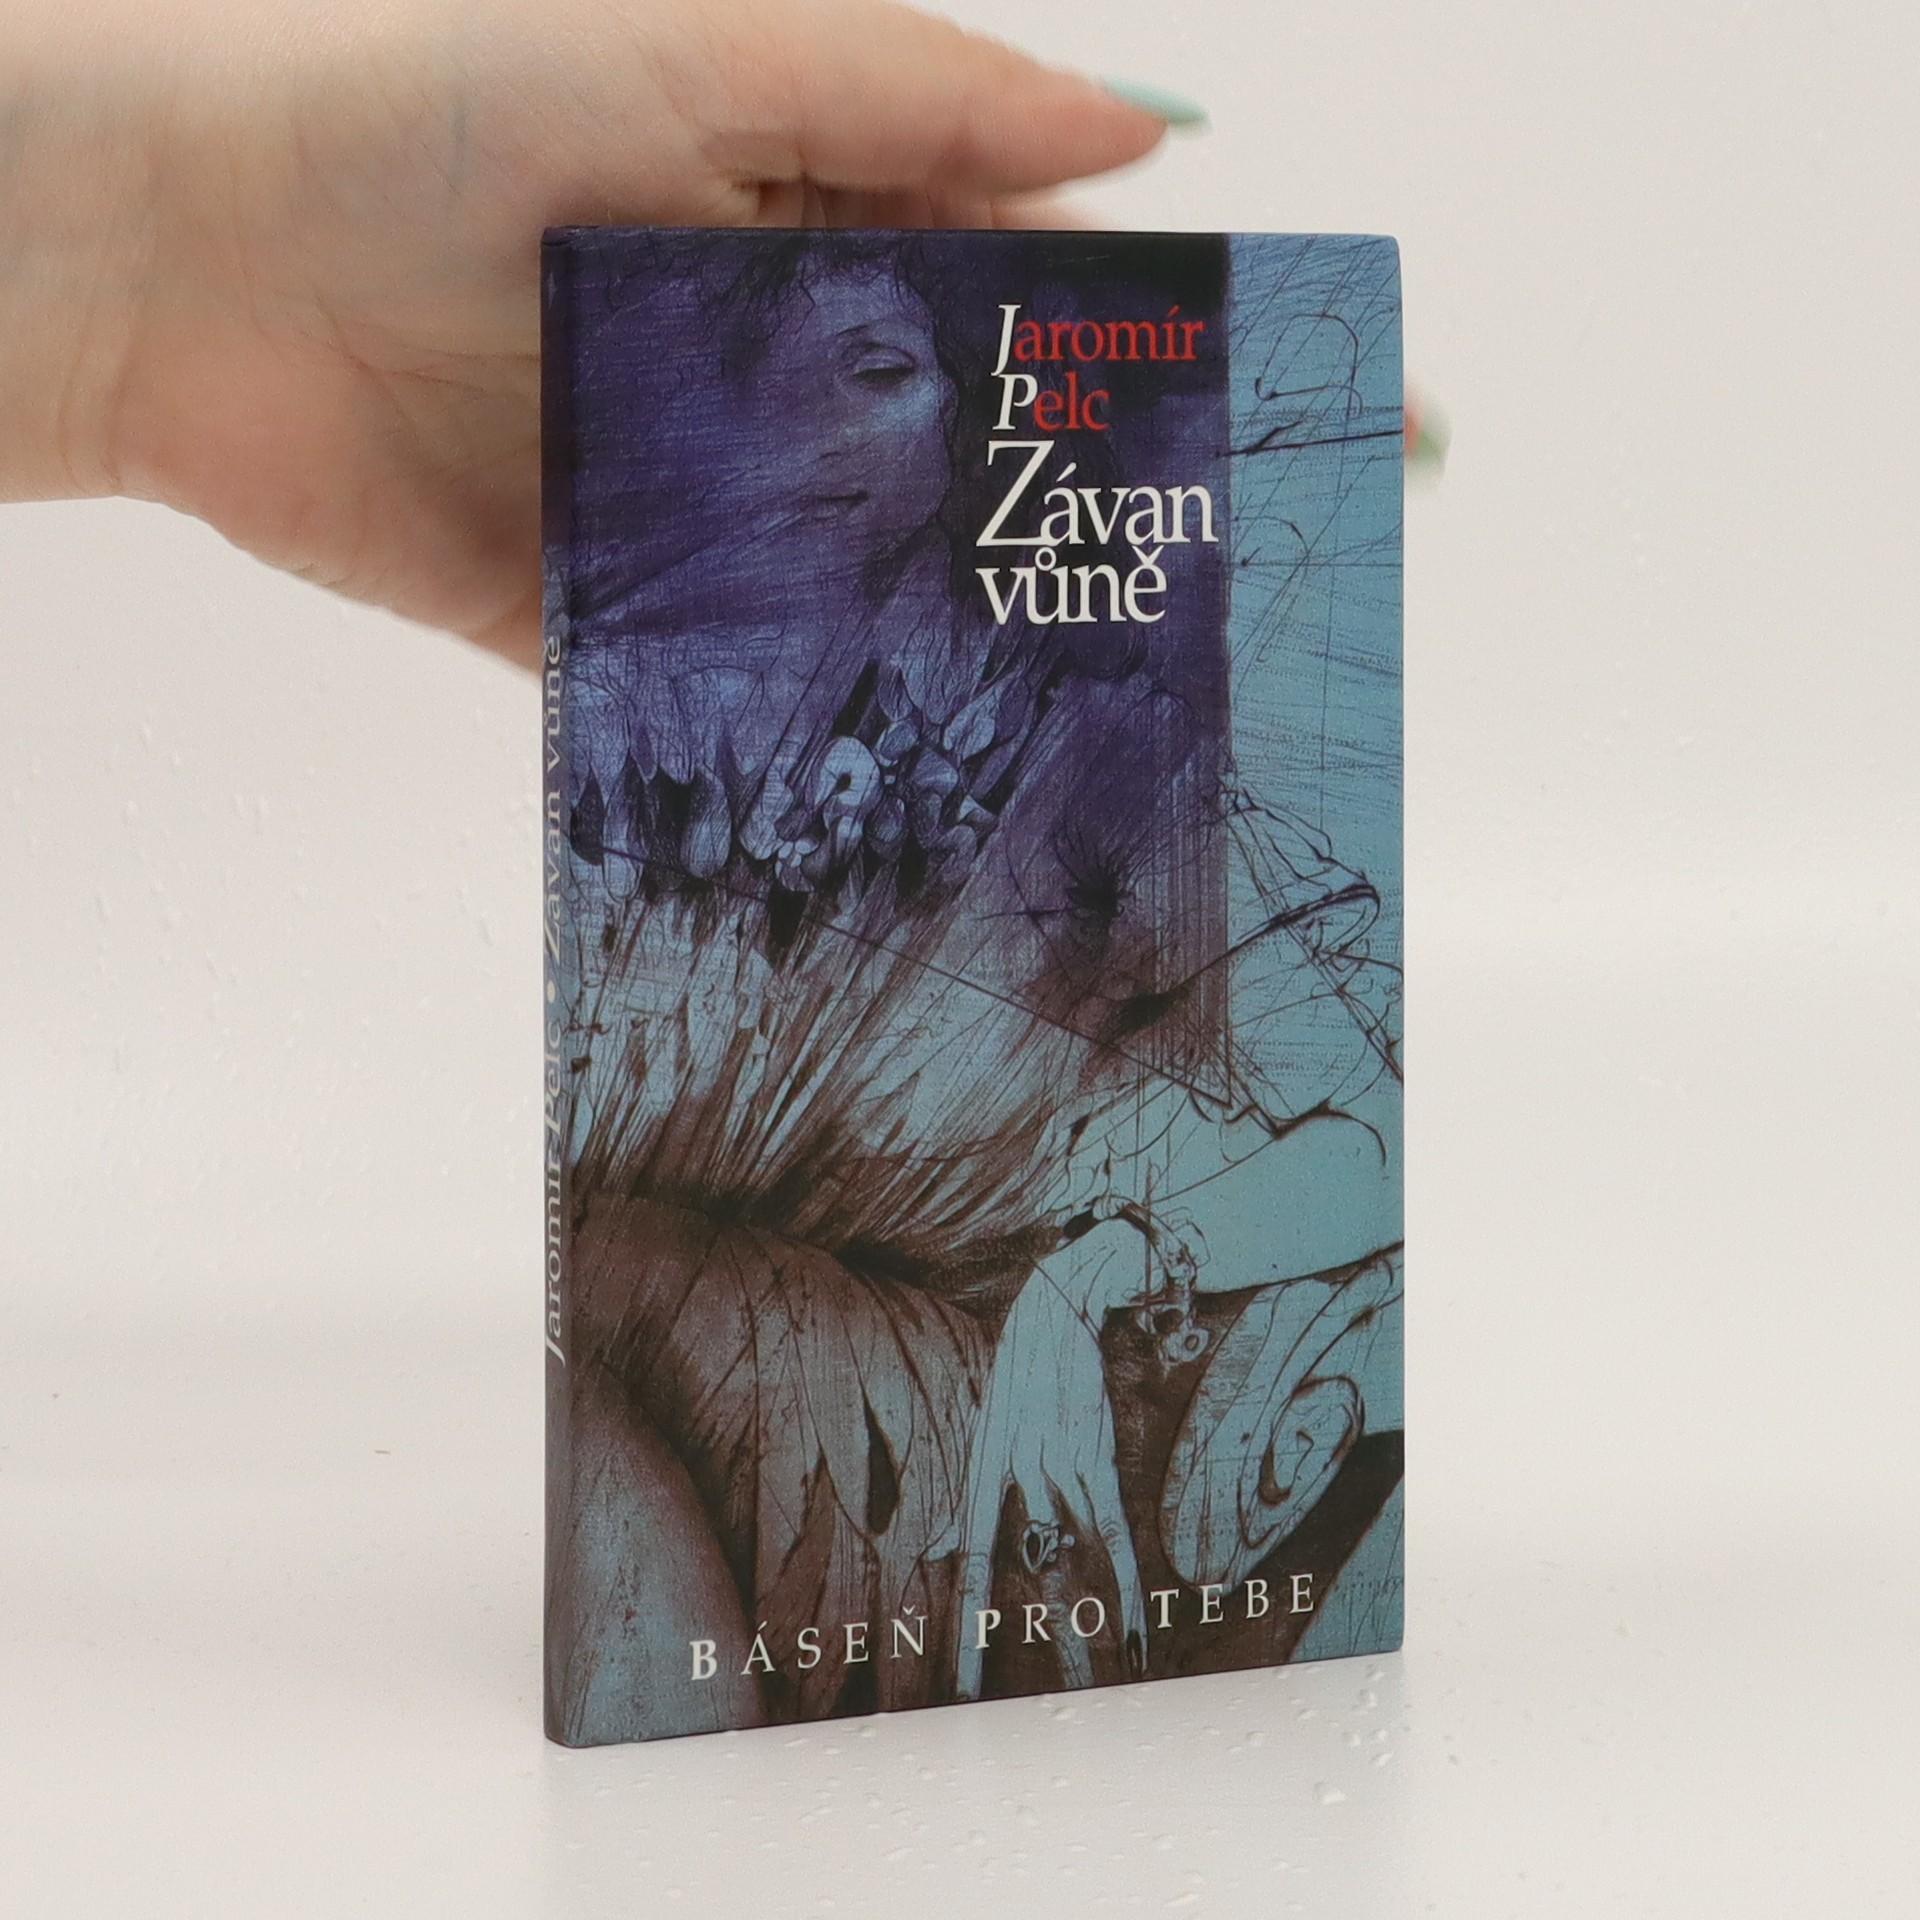 antikvární kniha Závan vůně, 1998